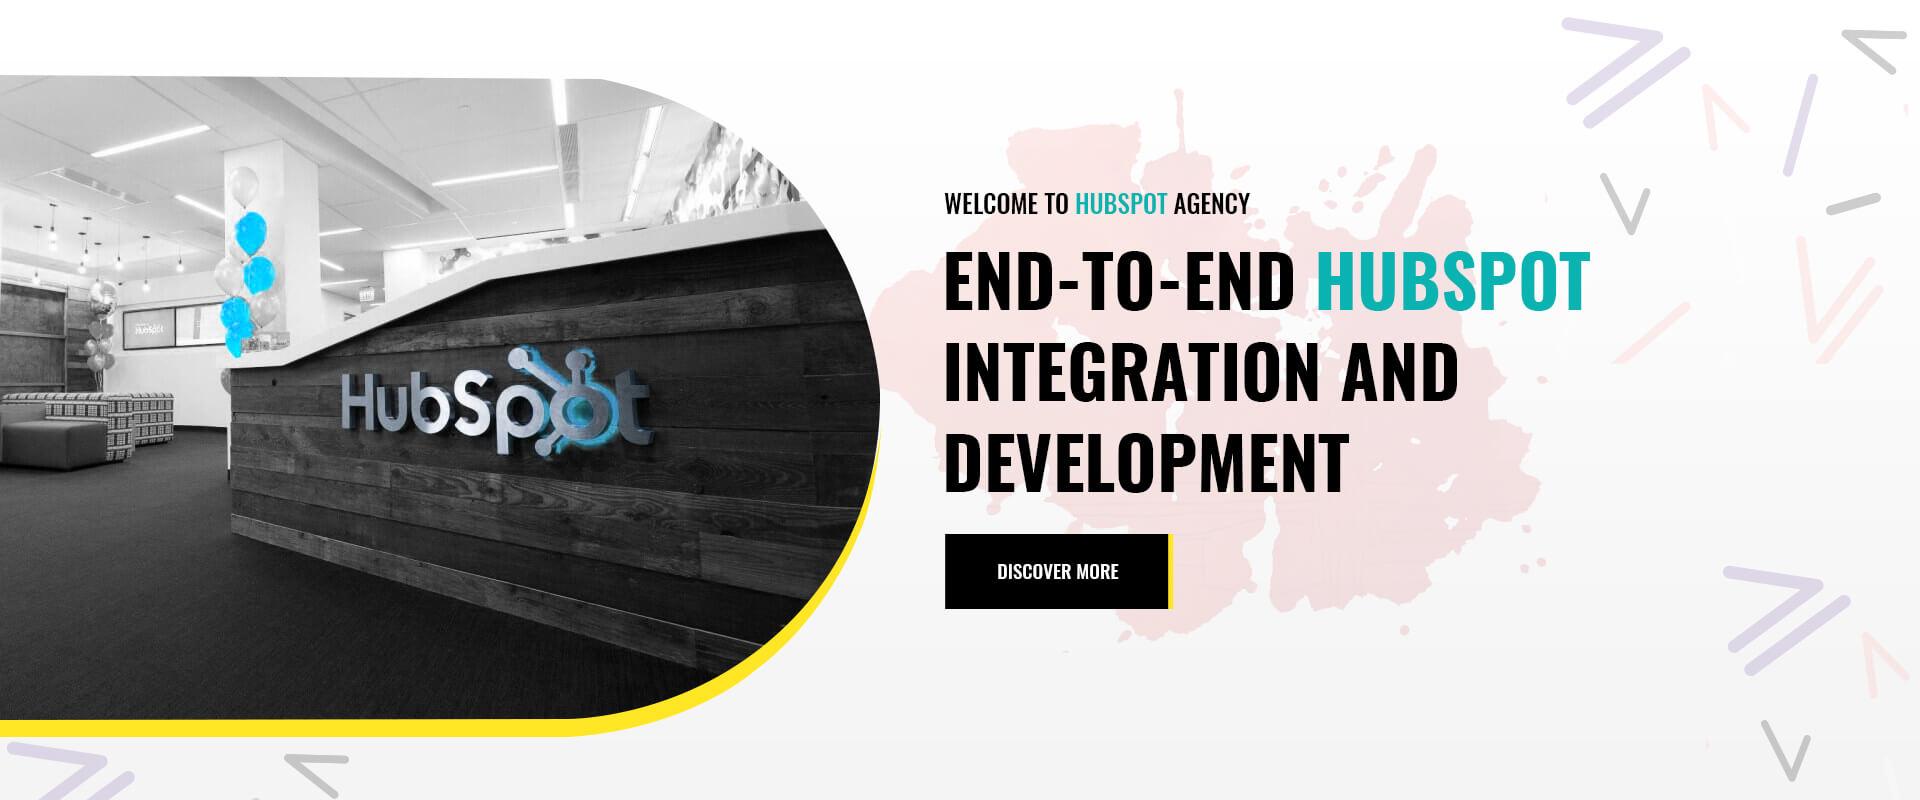 HubSpot Agency